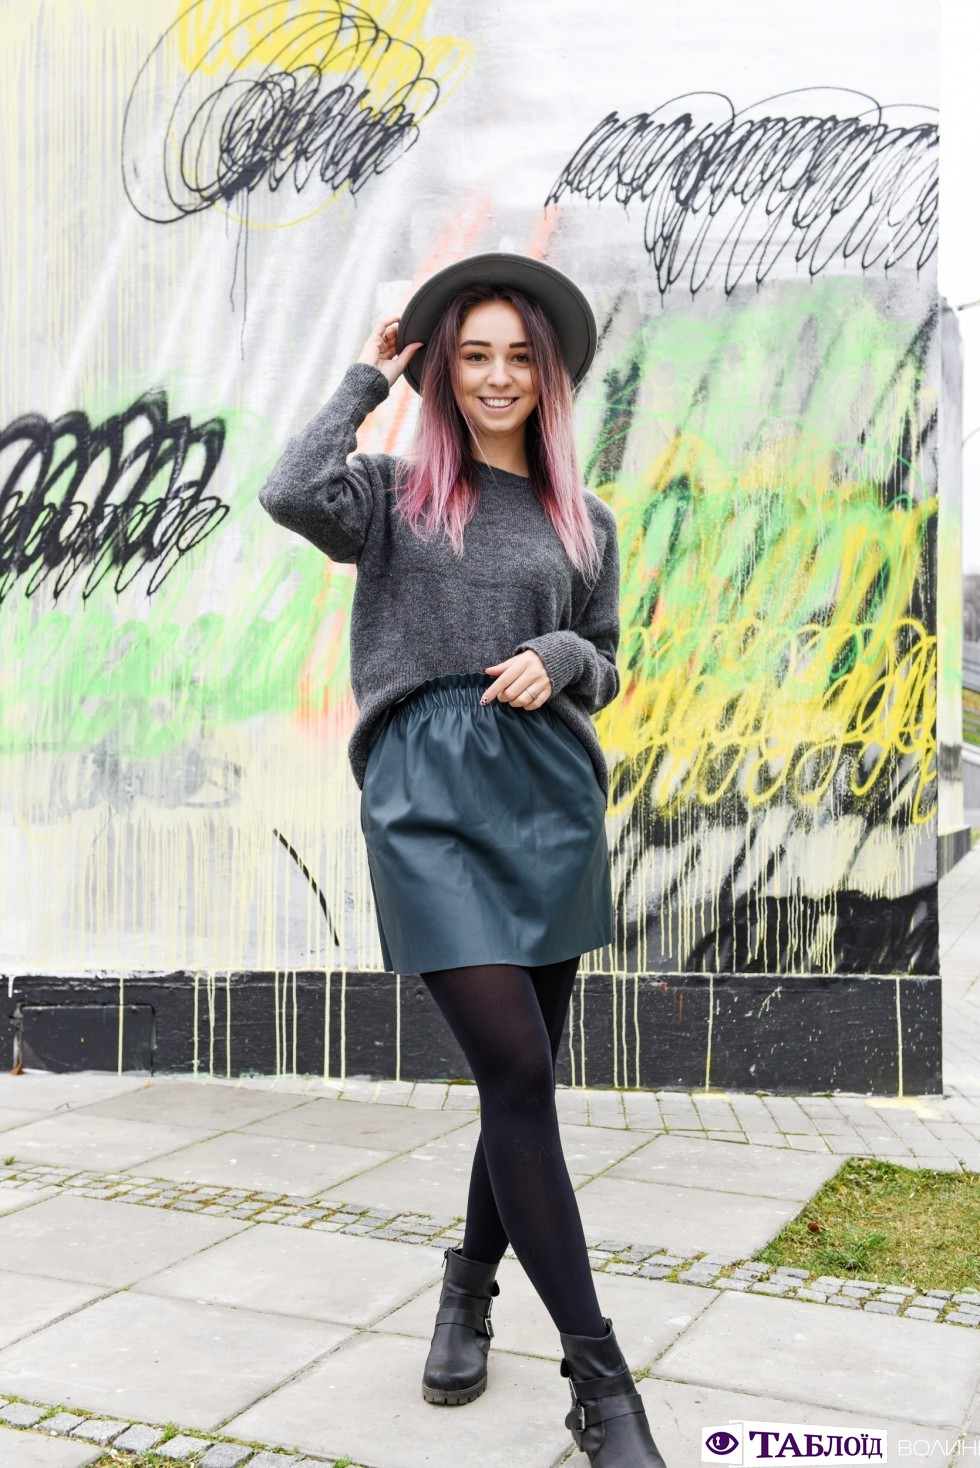 Шо-у-шафі відомої блогерки Валерії Кузьмінчук